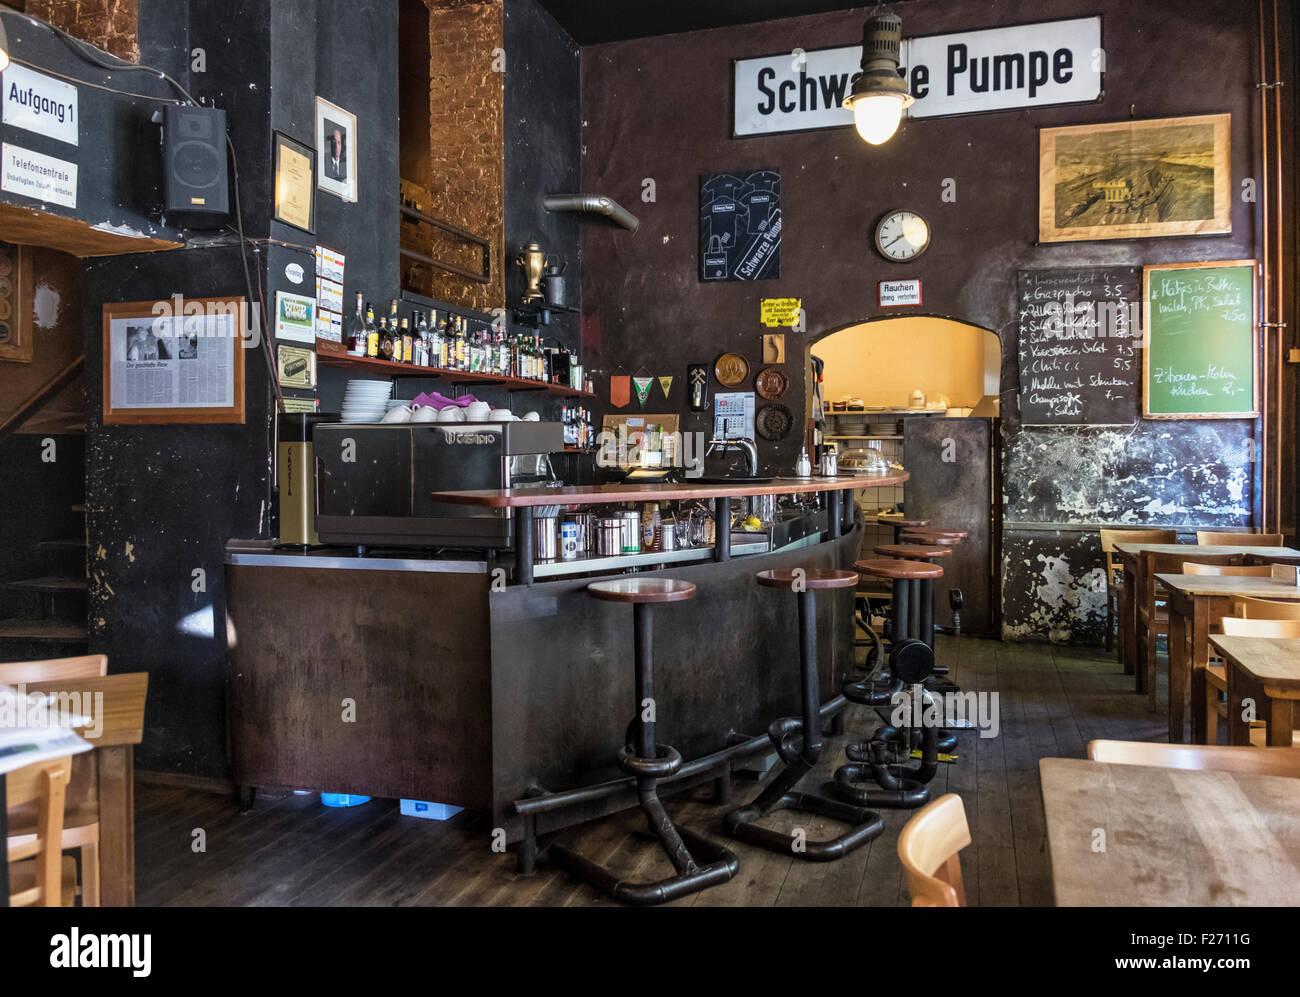 Indovina  da un'immagine il Film - Pagina 18 Schwarze-pumpe-ristorante-e-bar-tradizionale-pub-tedesco-con-autentici-accessori-ed-attrezzature-mitte-berlino-f2711g